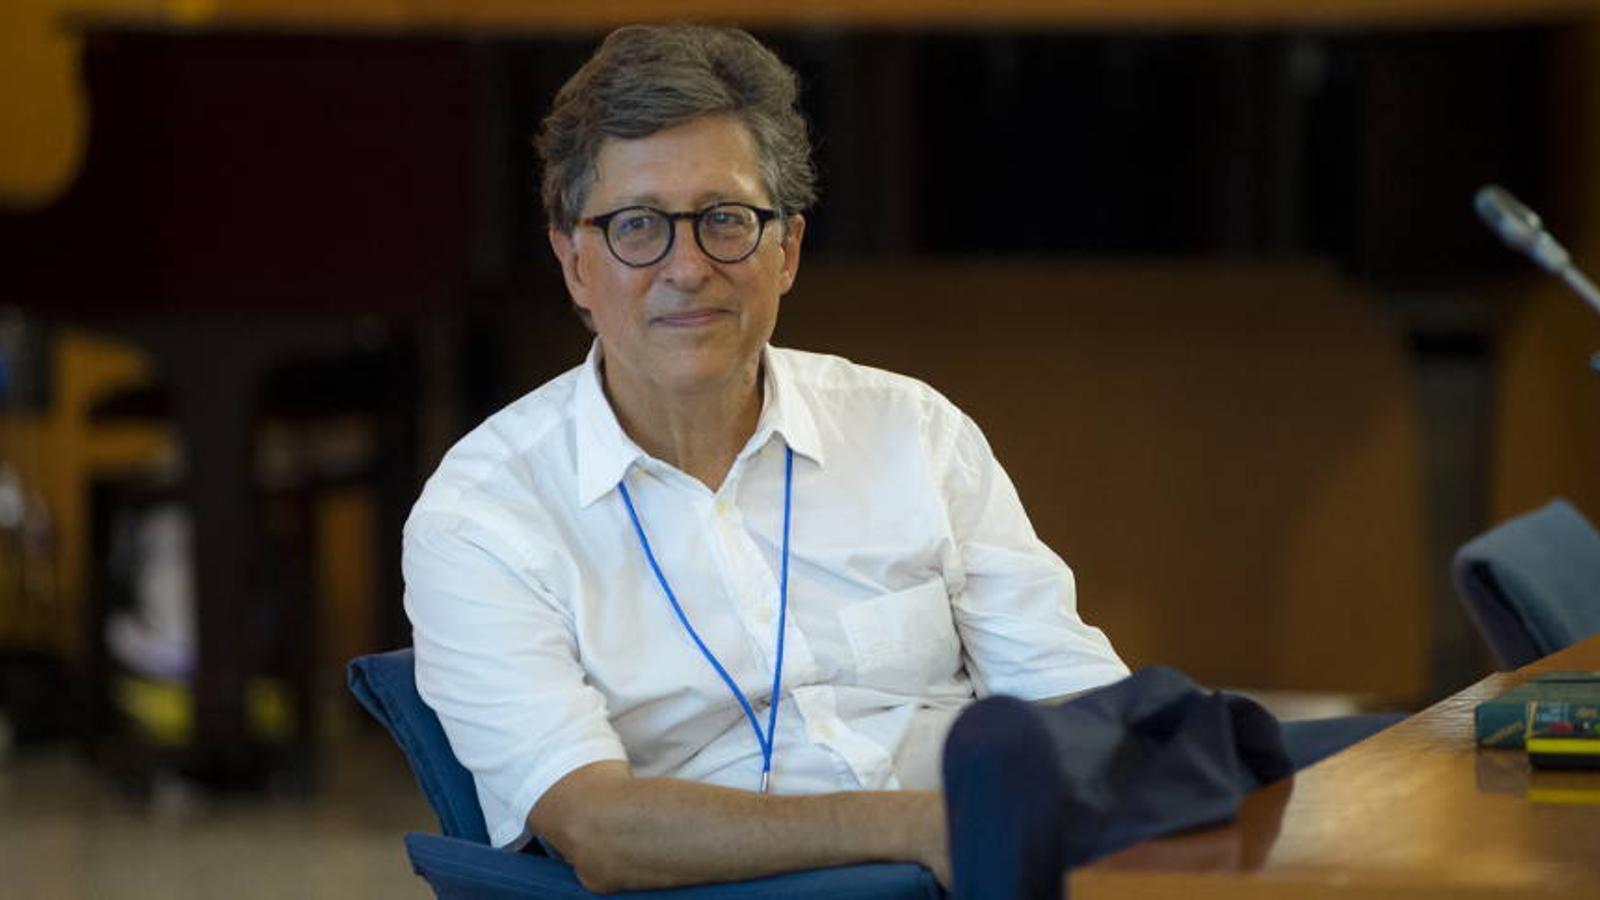 L'investigador d'ISGlobal Manolis Kogevinas, en una imatge recent difosa des d'ISGlobal